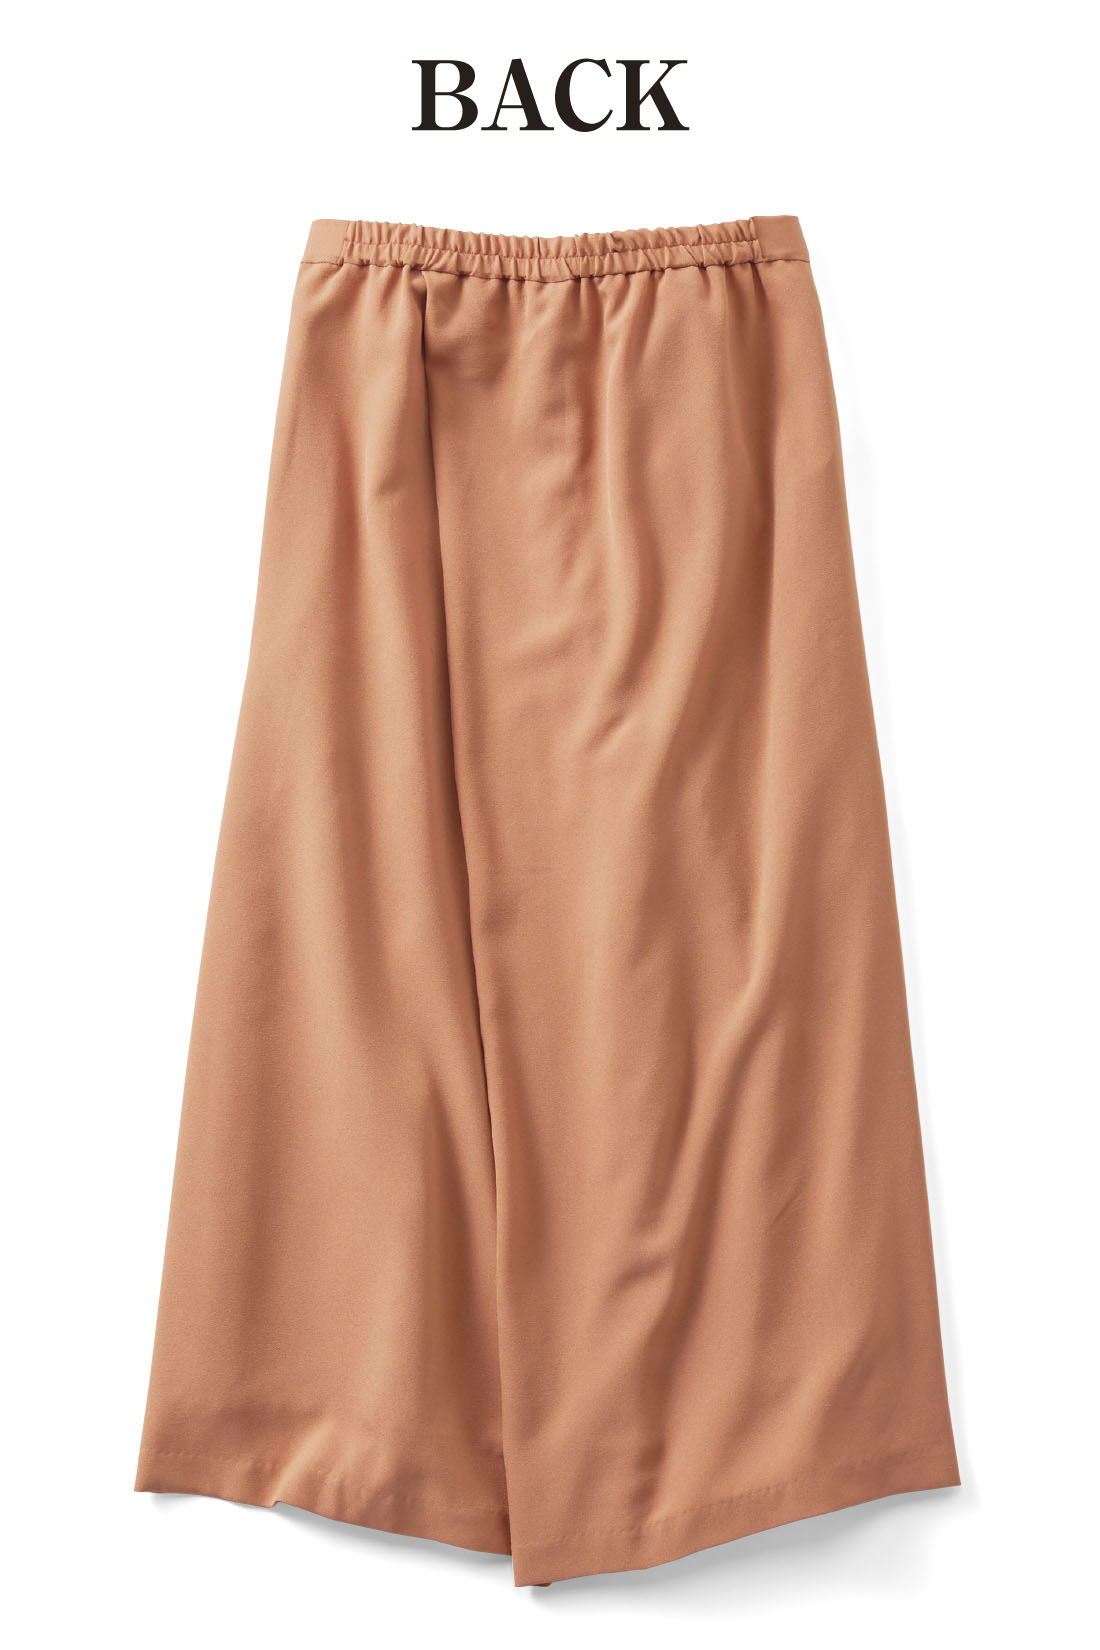 バックスタイルも左右の布を重ねてスカートっぽく。後ろウエストはゴム仕様で着心地よくストレスなし。※お届けするカラーとは異なります。